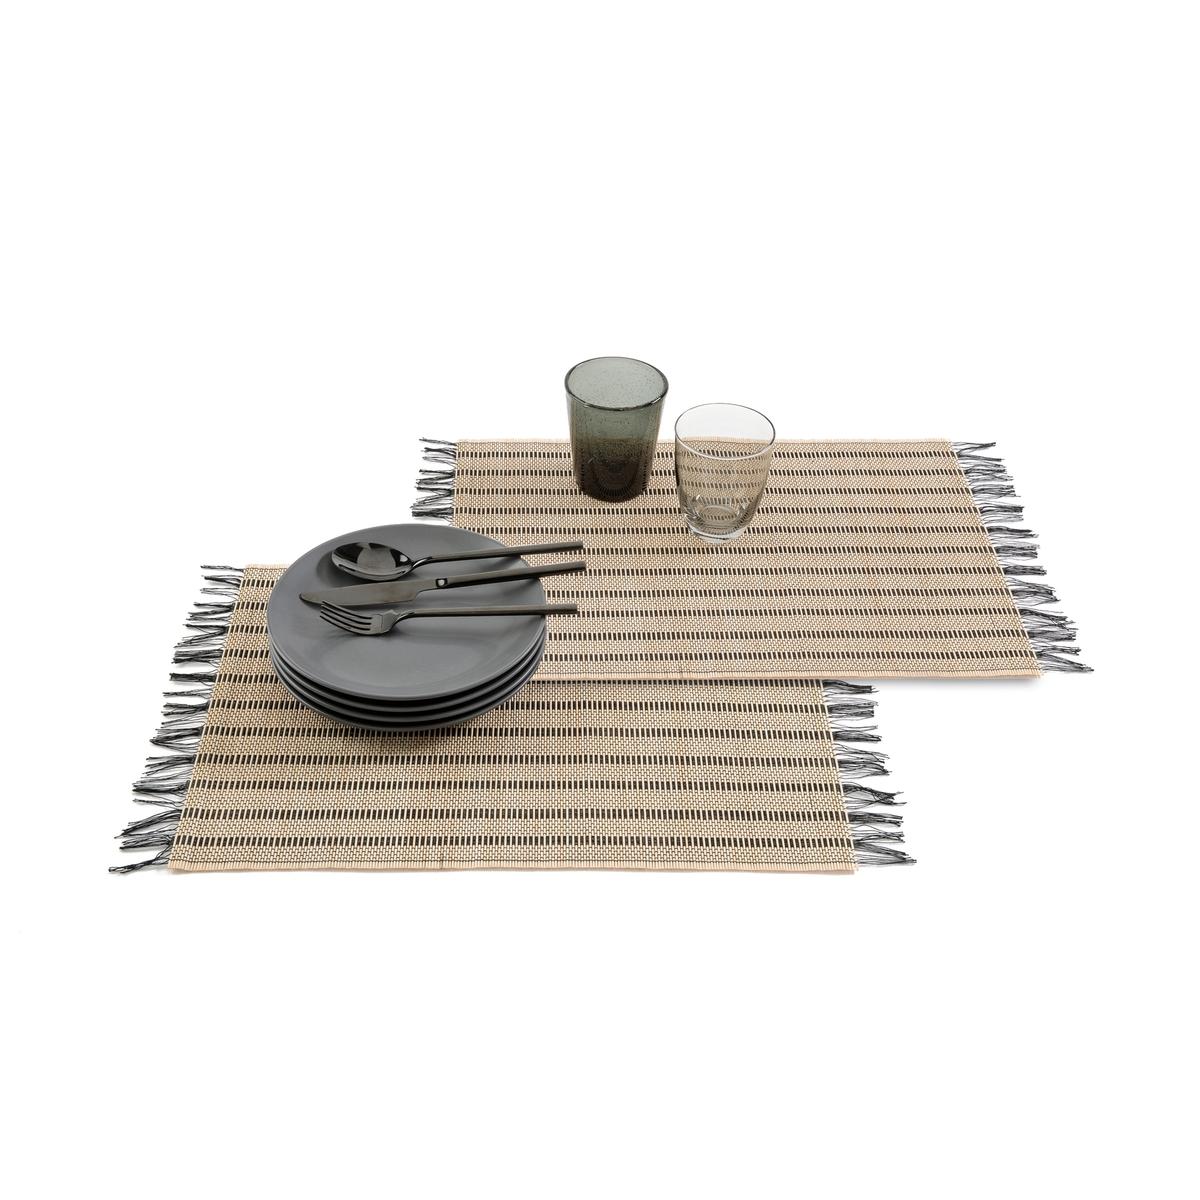 Комплект из 4 подложек под приборы с бахромой, TYPHIA набор подложек под столовые приборы феникс презент чашка чая 45 см х 30 см 4 шт 37380